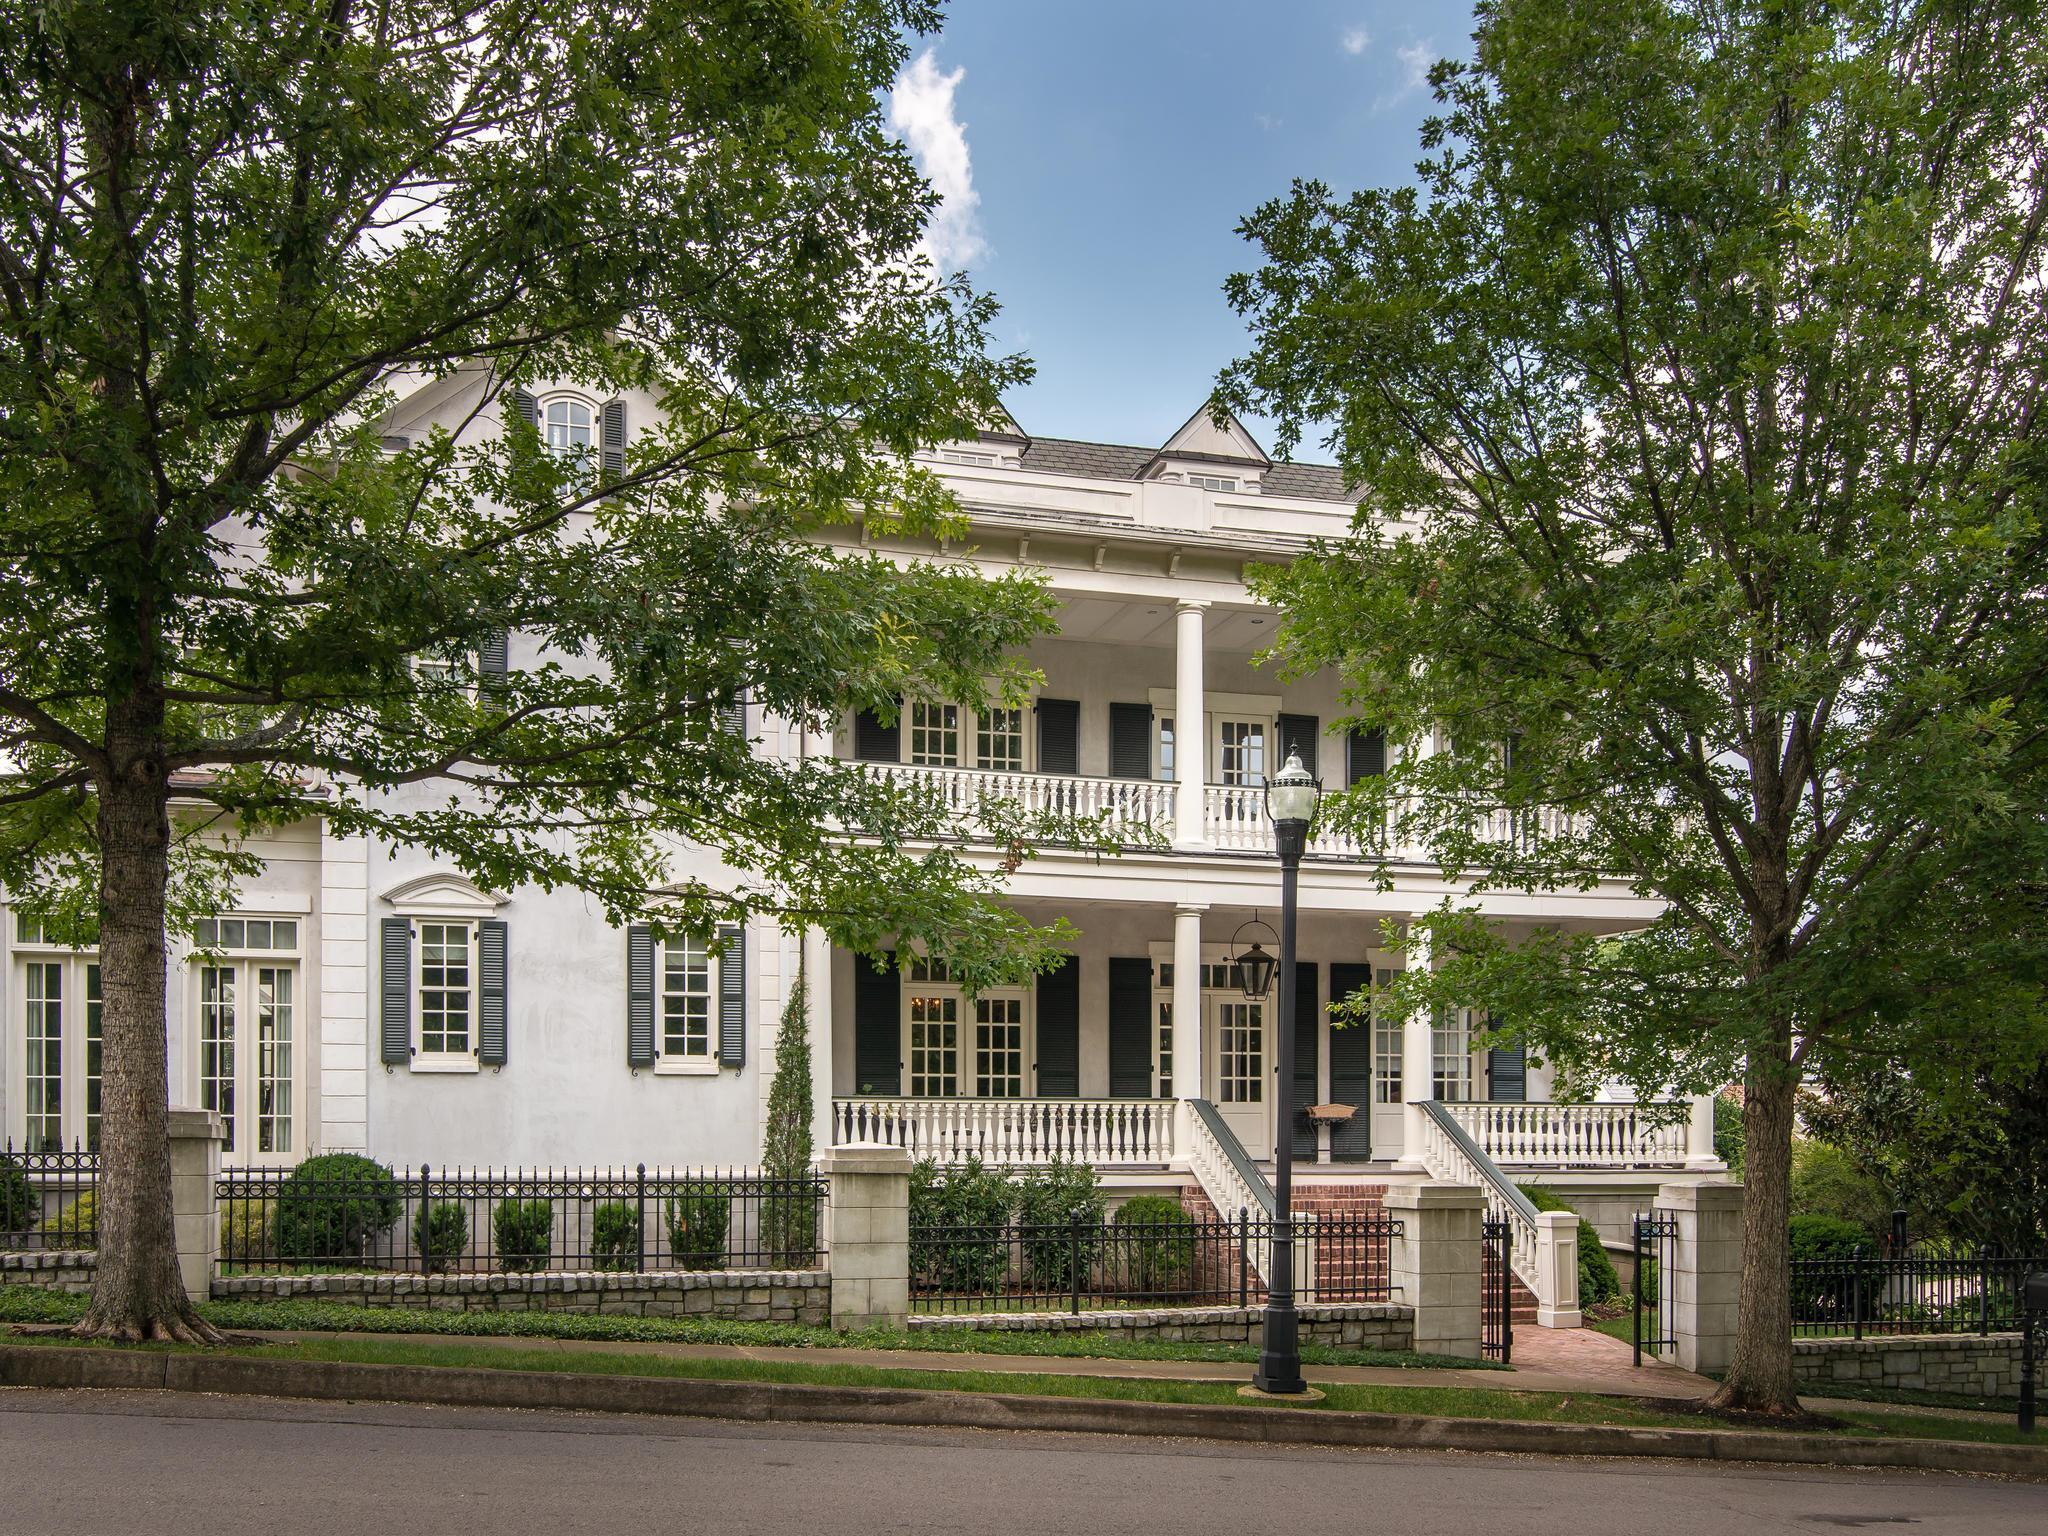 1300 Forrest Park Dr, Nashville, TN 37205 - Nashville, TN real estate listing